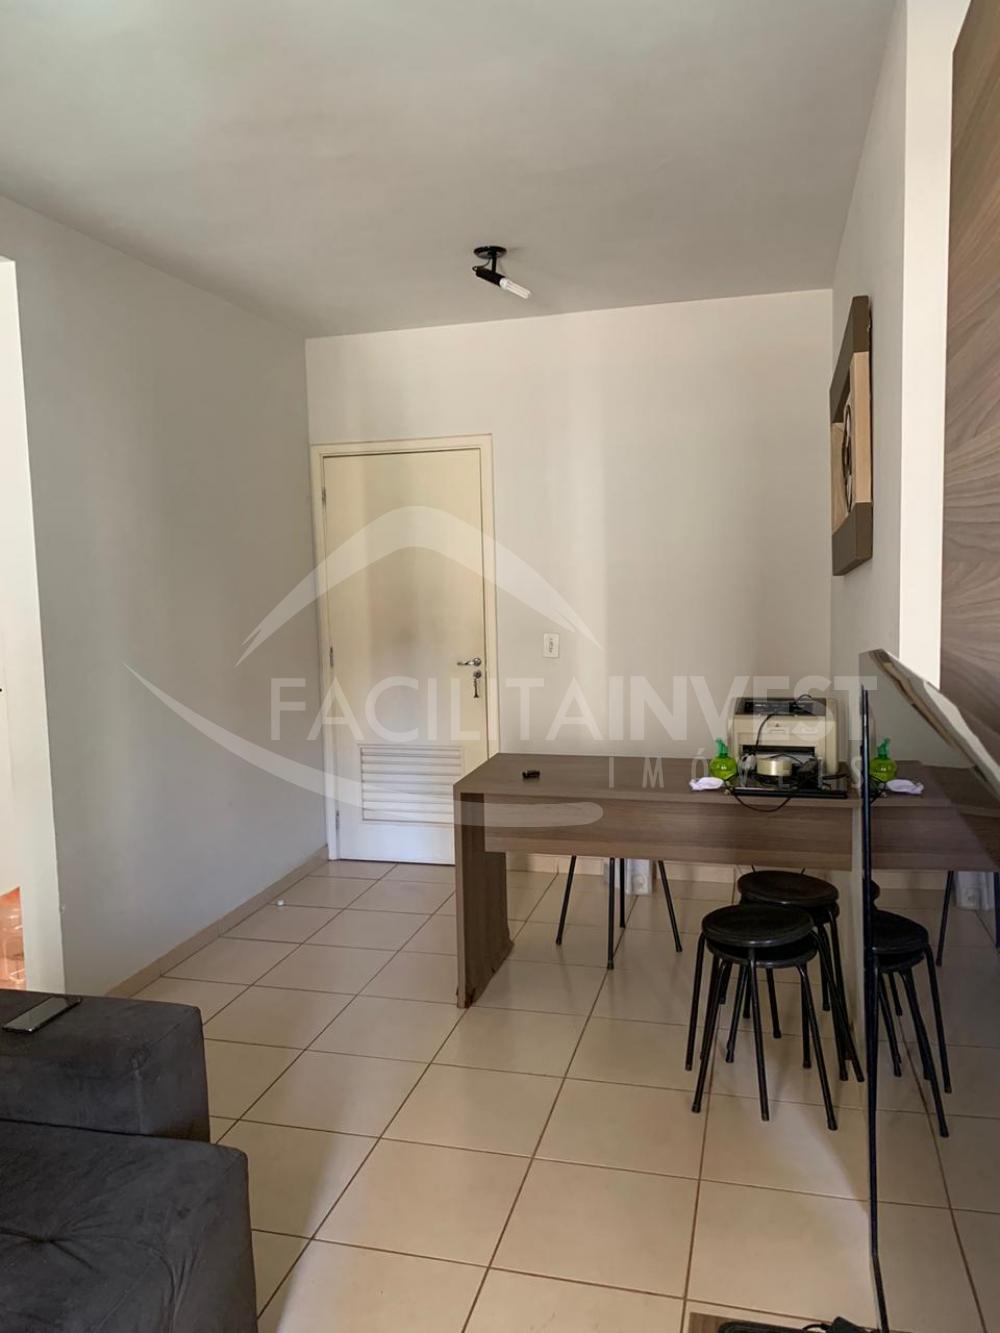 Comprar Apartamentos / Apart. Padrão em Ribeirão Preto apenas R$ 217.000,00 - Foto 2